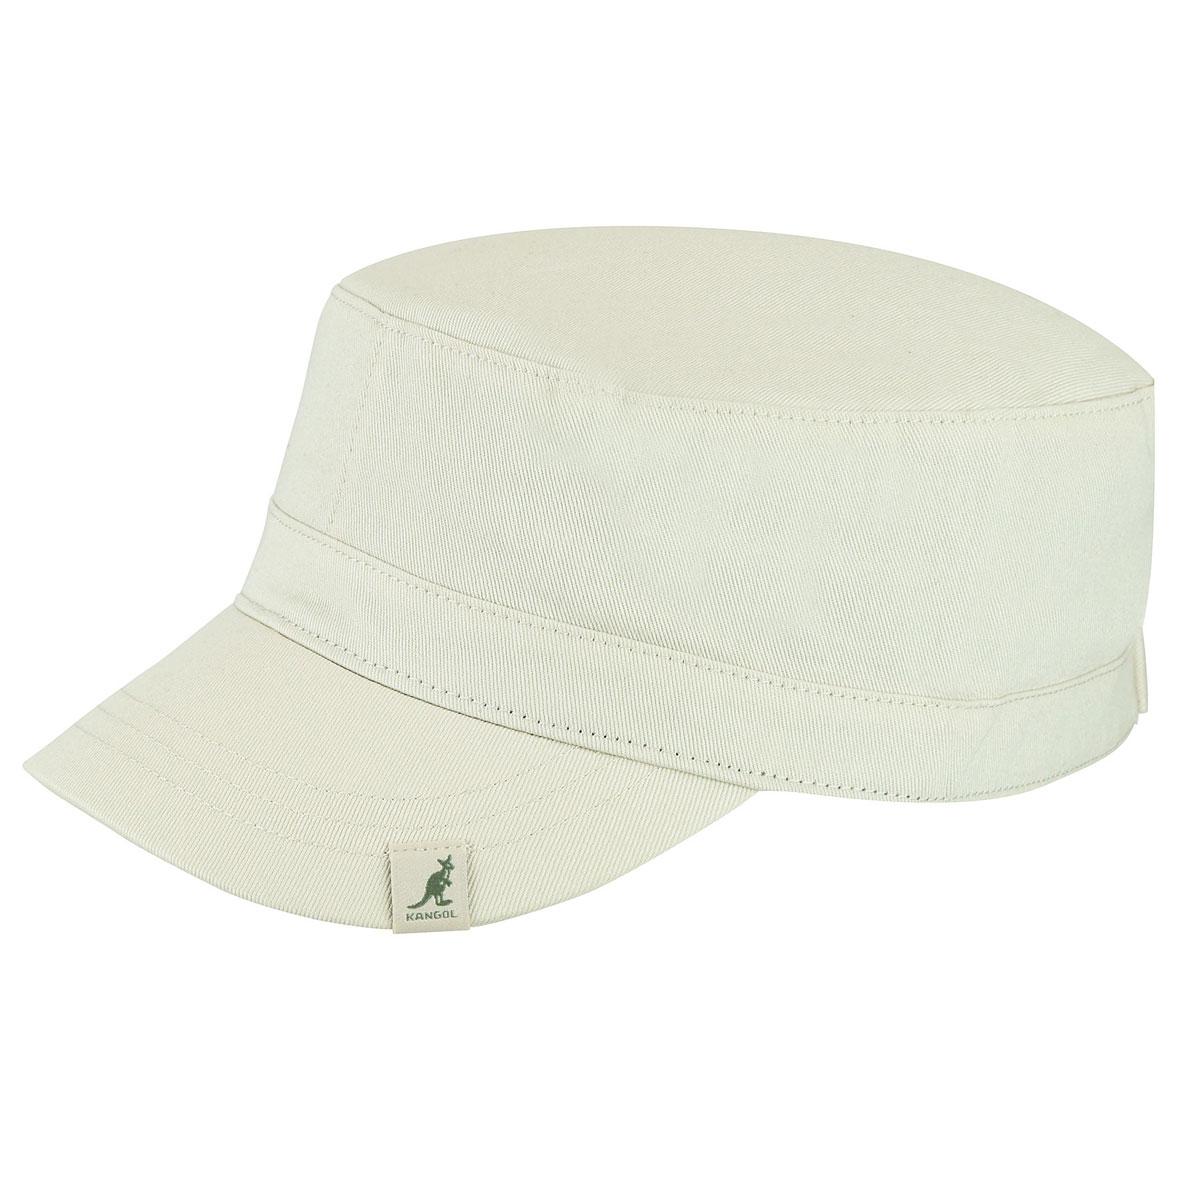 Cotton_Adjustable_Army_Cap